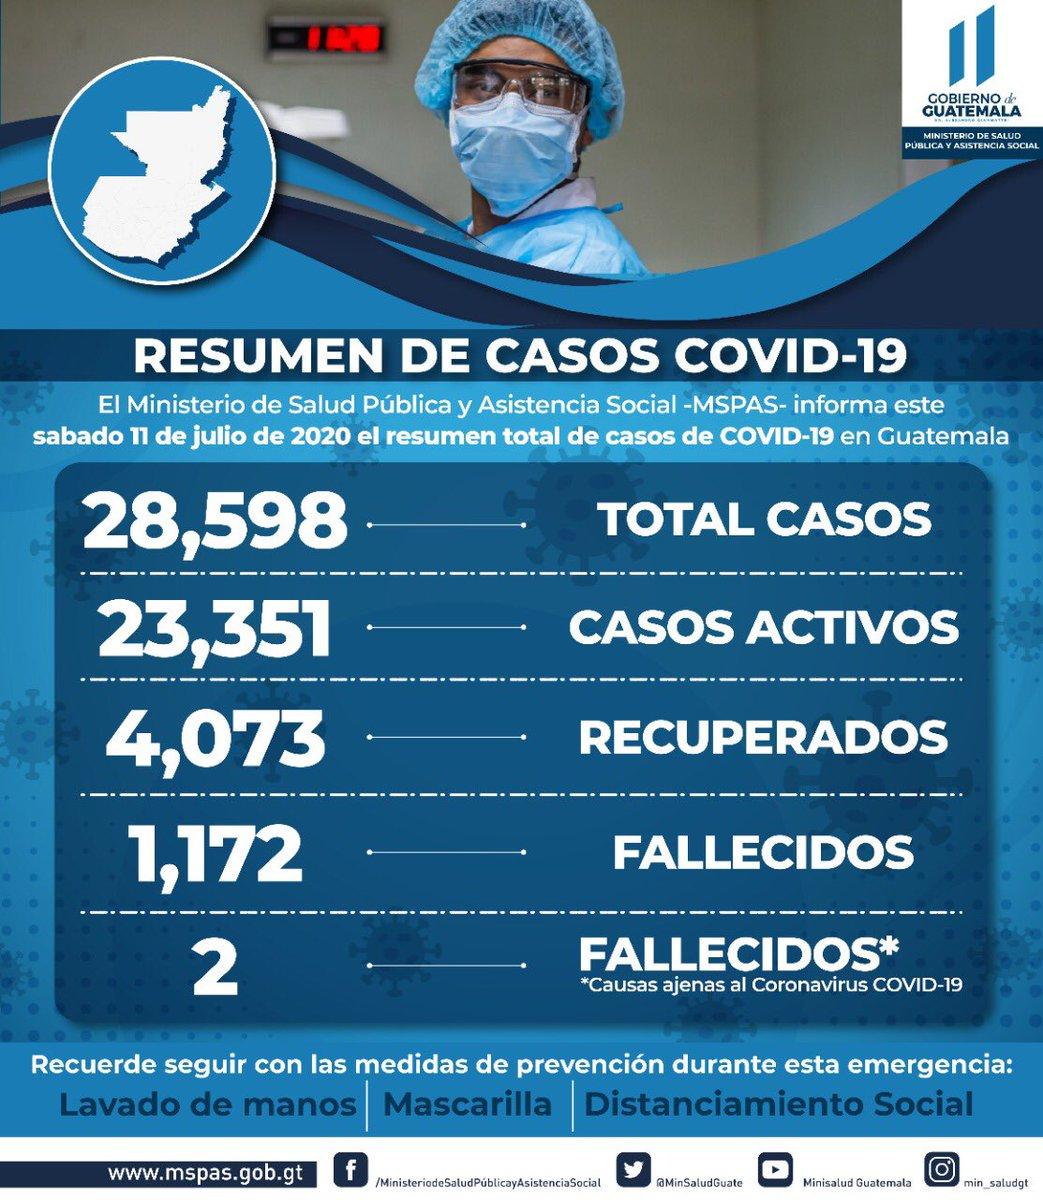 test Twitter Media - #URGENTE El Ministerio de Salud informa sobre actualización de casos COVID-19 que corresponden al viernes 10 de julio.979 casos nuevos de COVID-19, 33 personas fallecidas y 49 recuperados. https://t.co/gq92d9vkgV